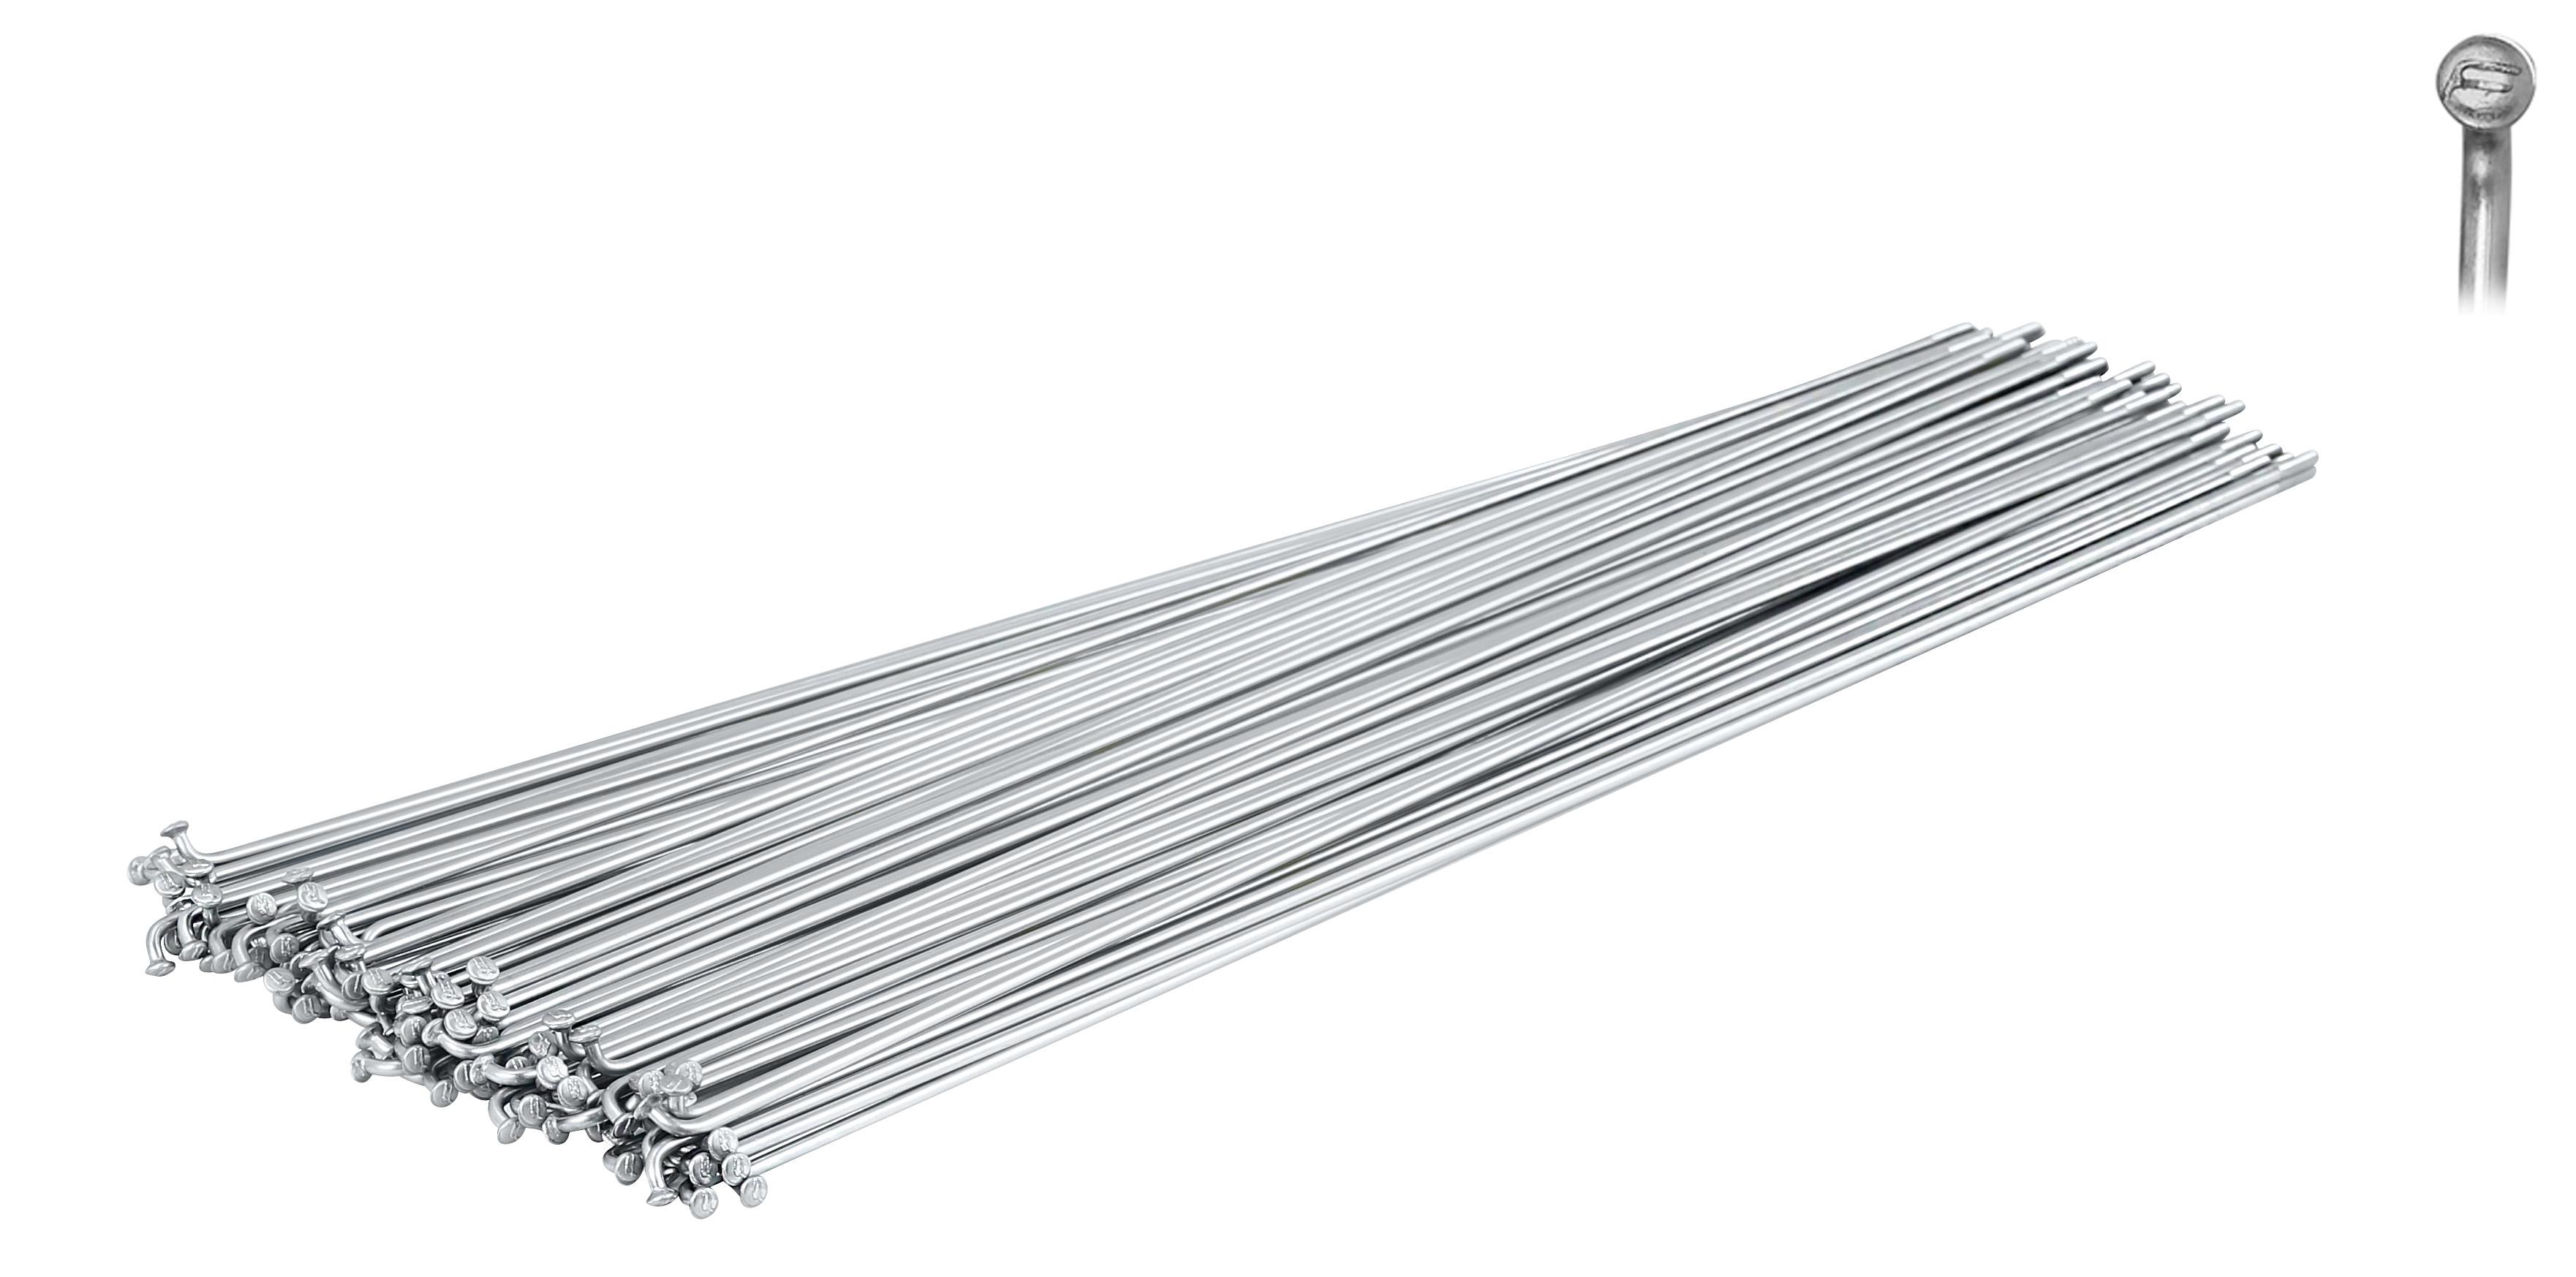 dráty FORCE nerez stříbrné 2 mm x 264 mm